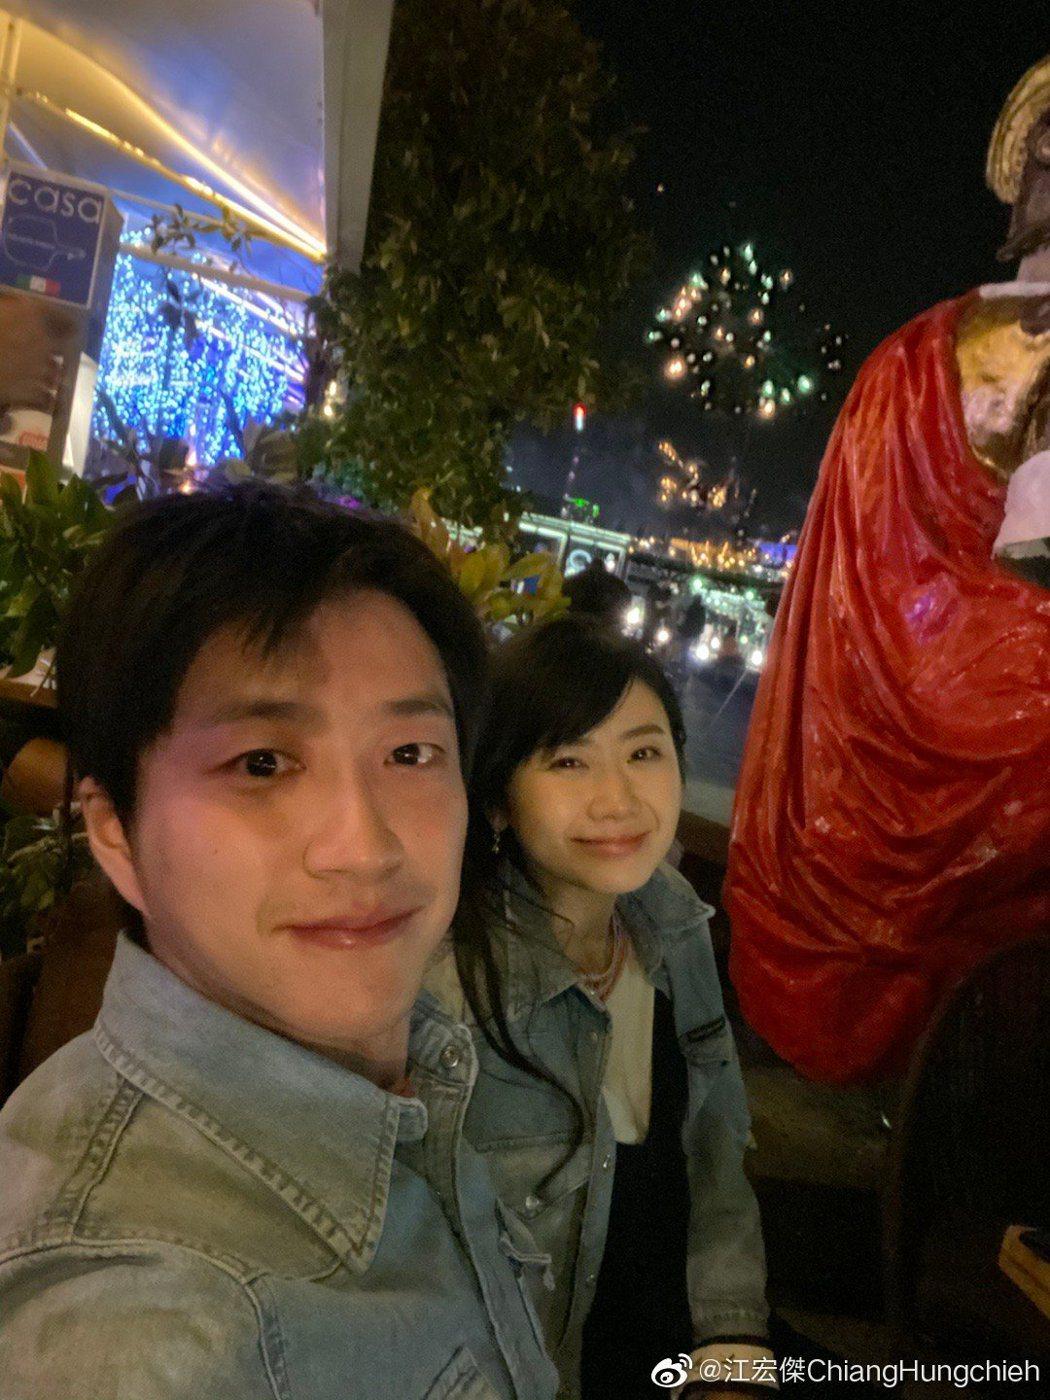 江宏傑與福原愛出國旅遊大曬恩愛。 圖/擷自江宏傑微博